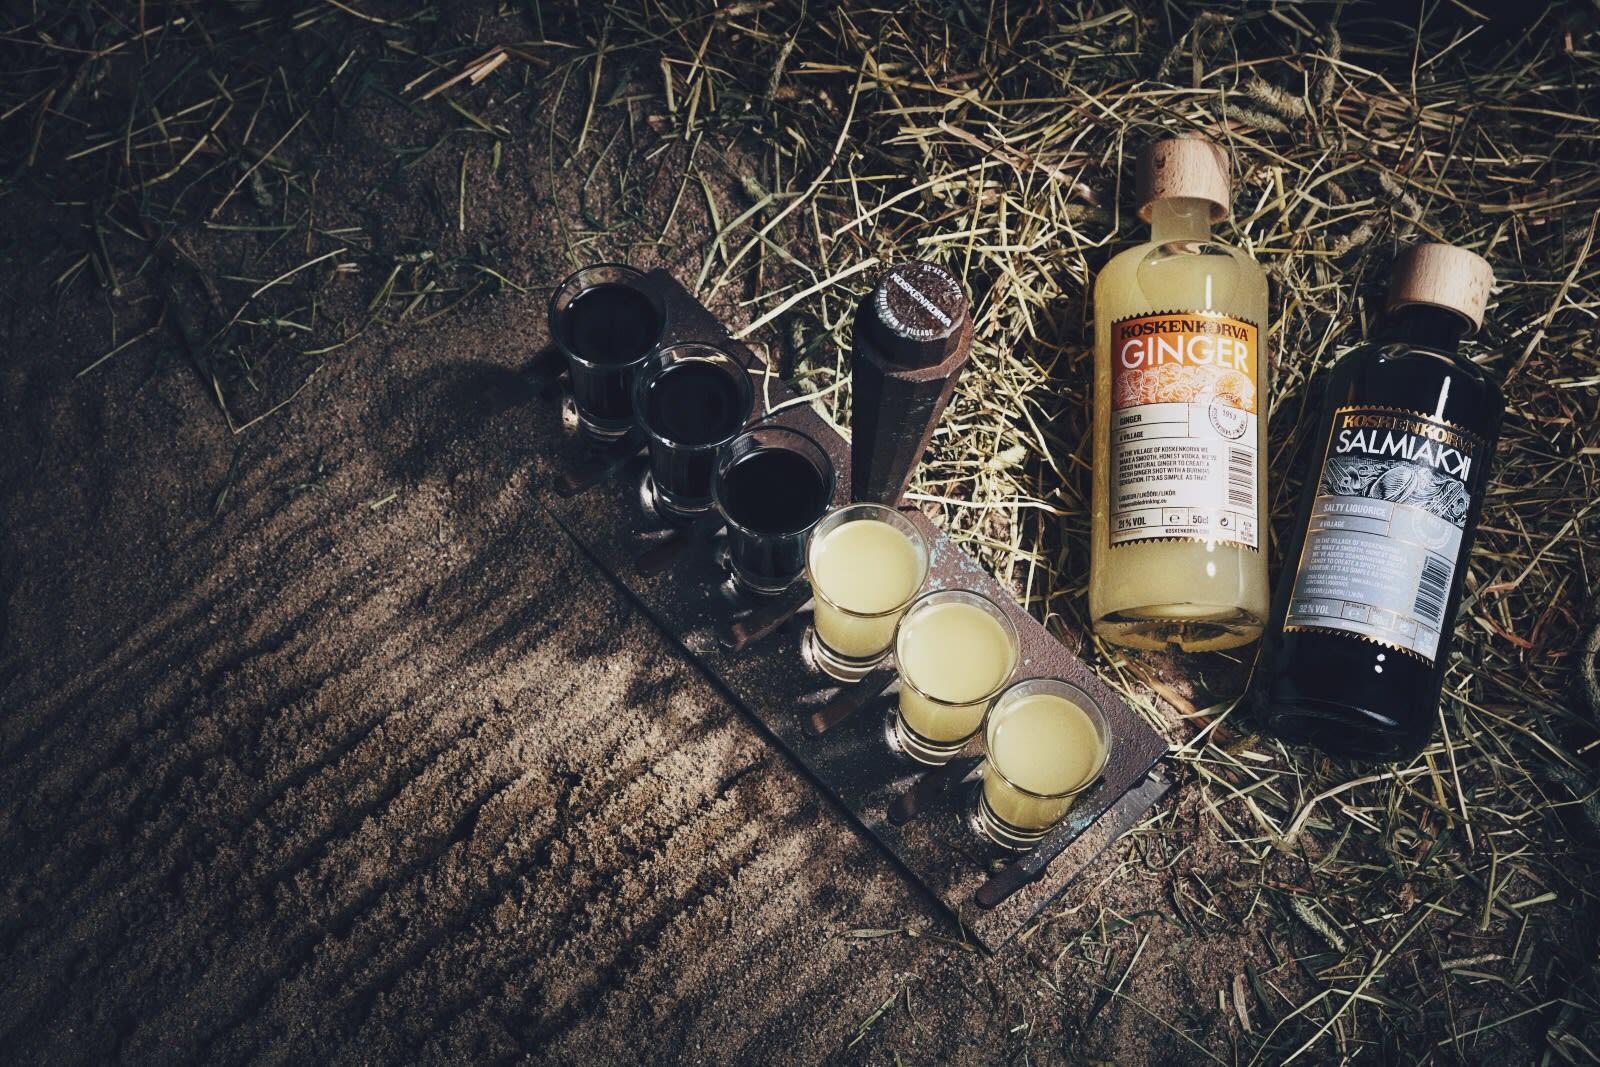 Koskenkorva ginger and salmiakki liqueur shots on rake